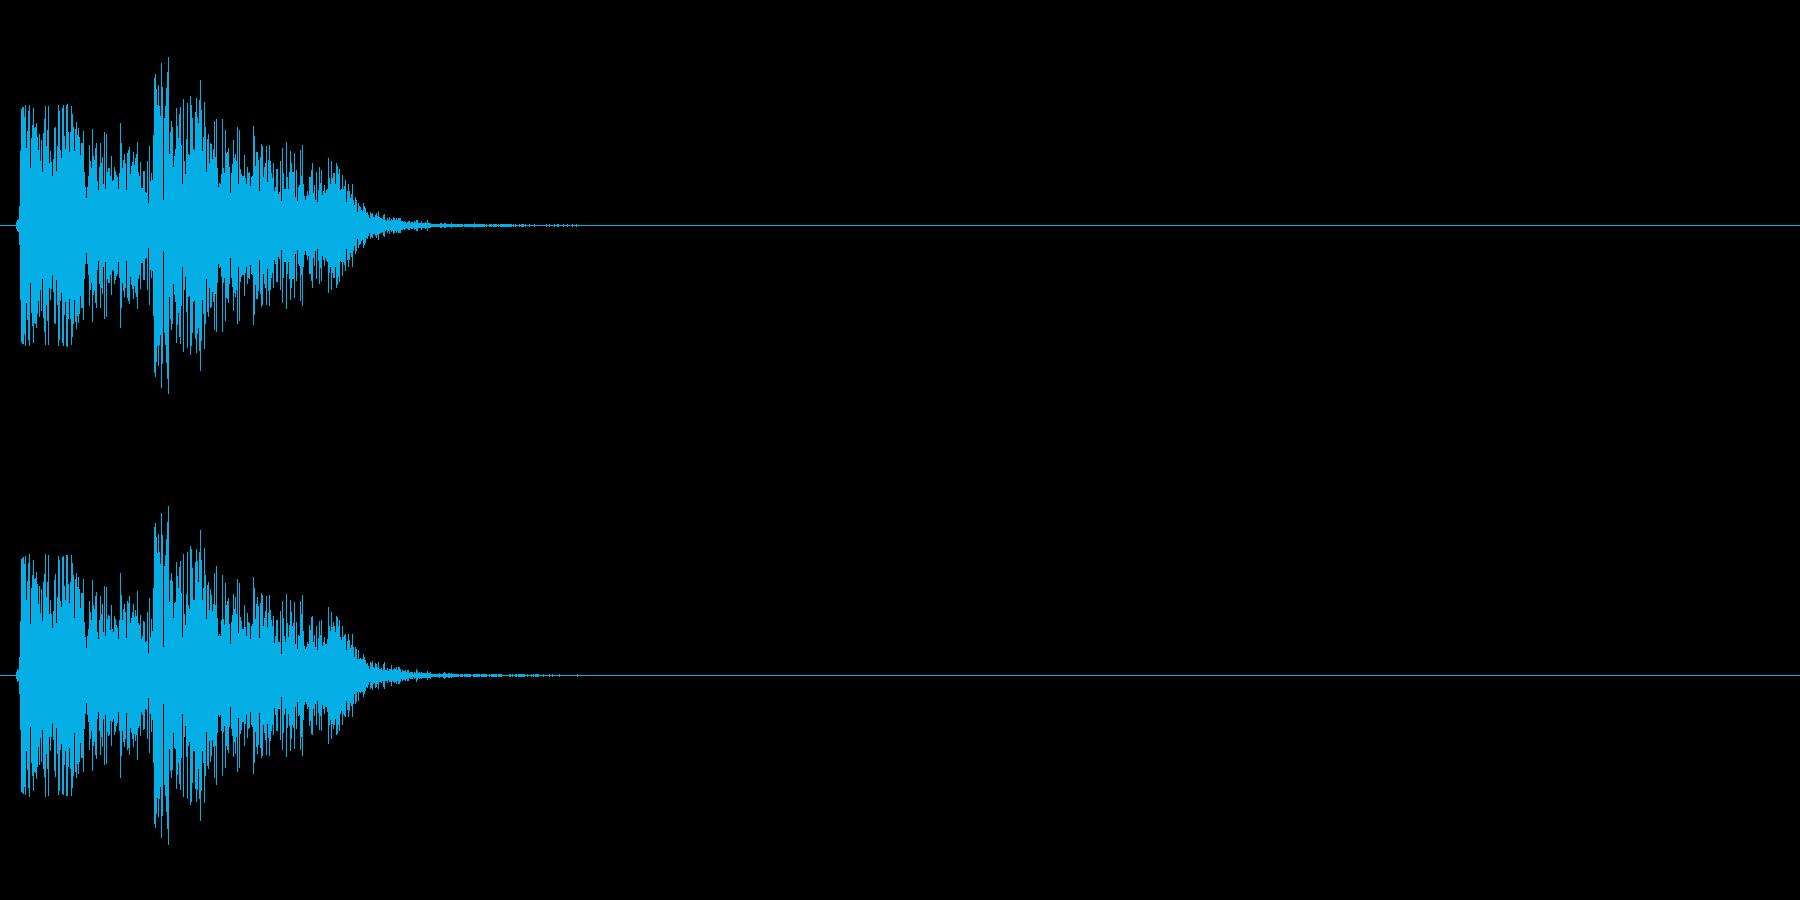 【打撃02-3】の再生済みの波形